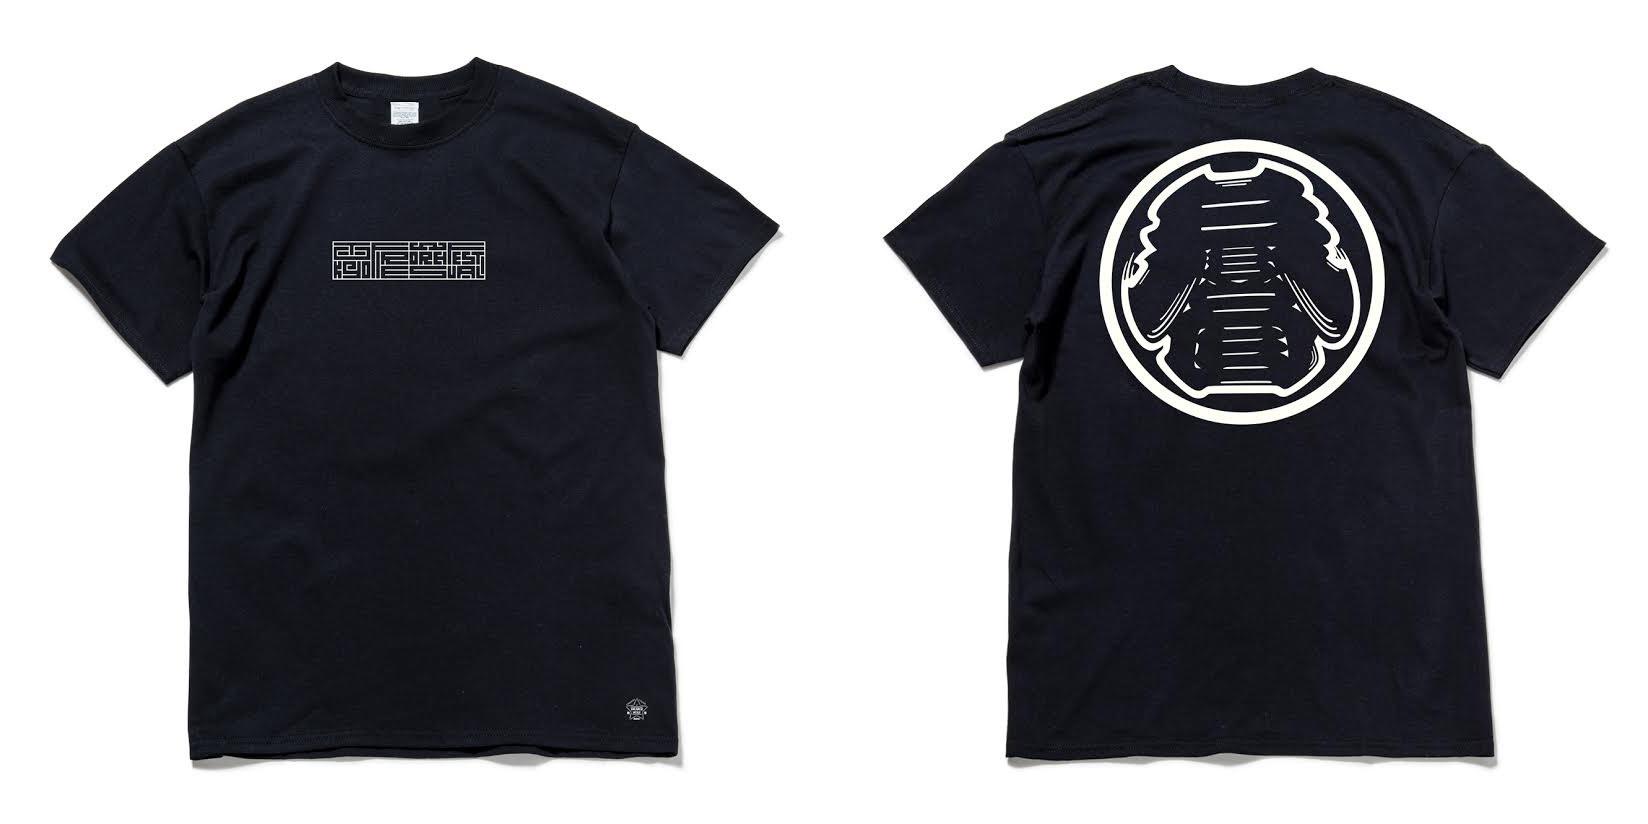 """コラボTシャツ 3,000円 表面プリントは""""Kanji-Graphy/カンジグラフィ""""にて「Tokyo FireWorks firestival」とプリントされています。前後共に蓄光プリントになっており、暗闇で光ります。"""